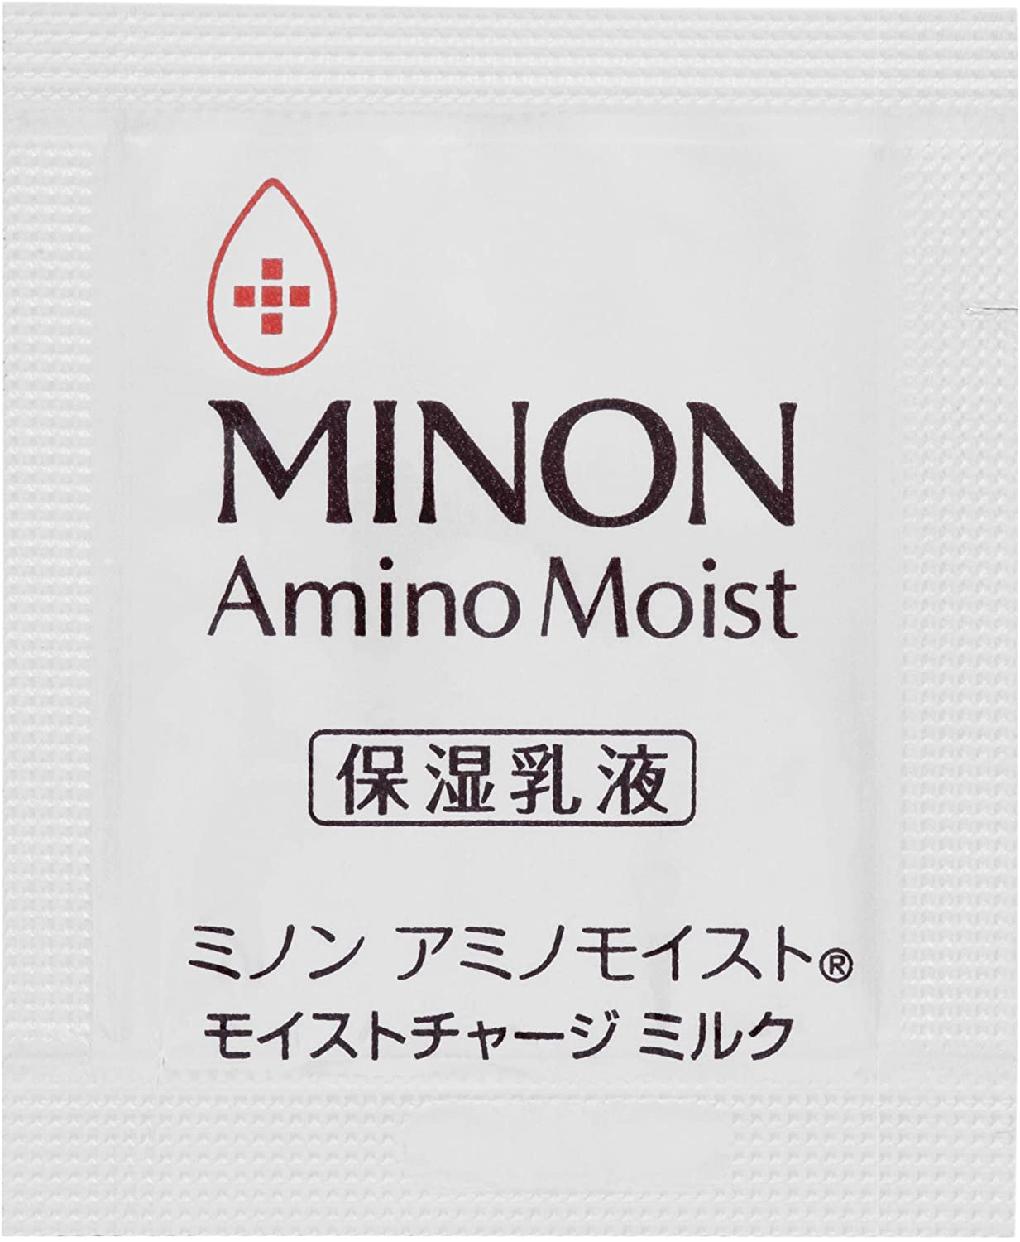 MINON(ミノン) アミノモイスト トライアルセットの商品画像6